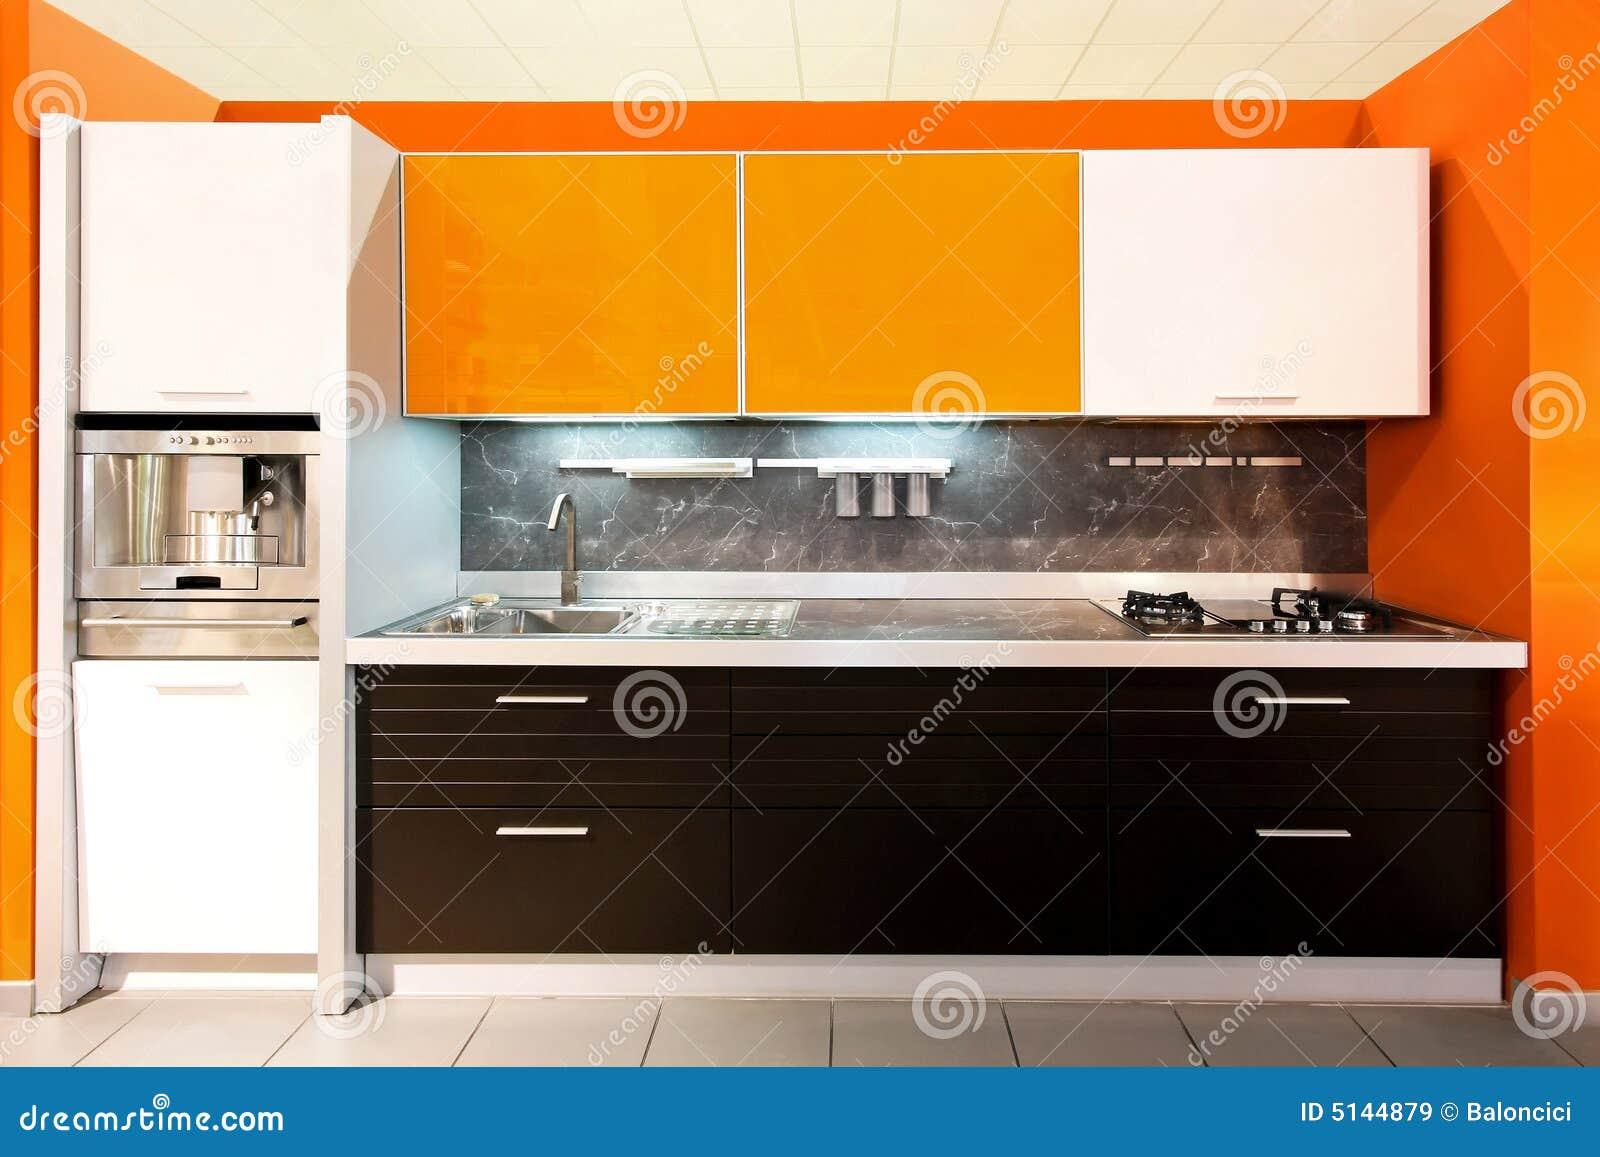 große orange der küche lizenzfreie stockbilder - bild: 5144879, Modernes haus